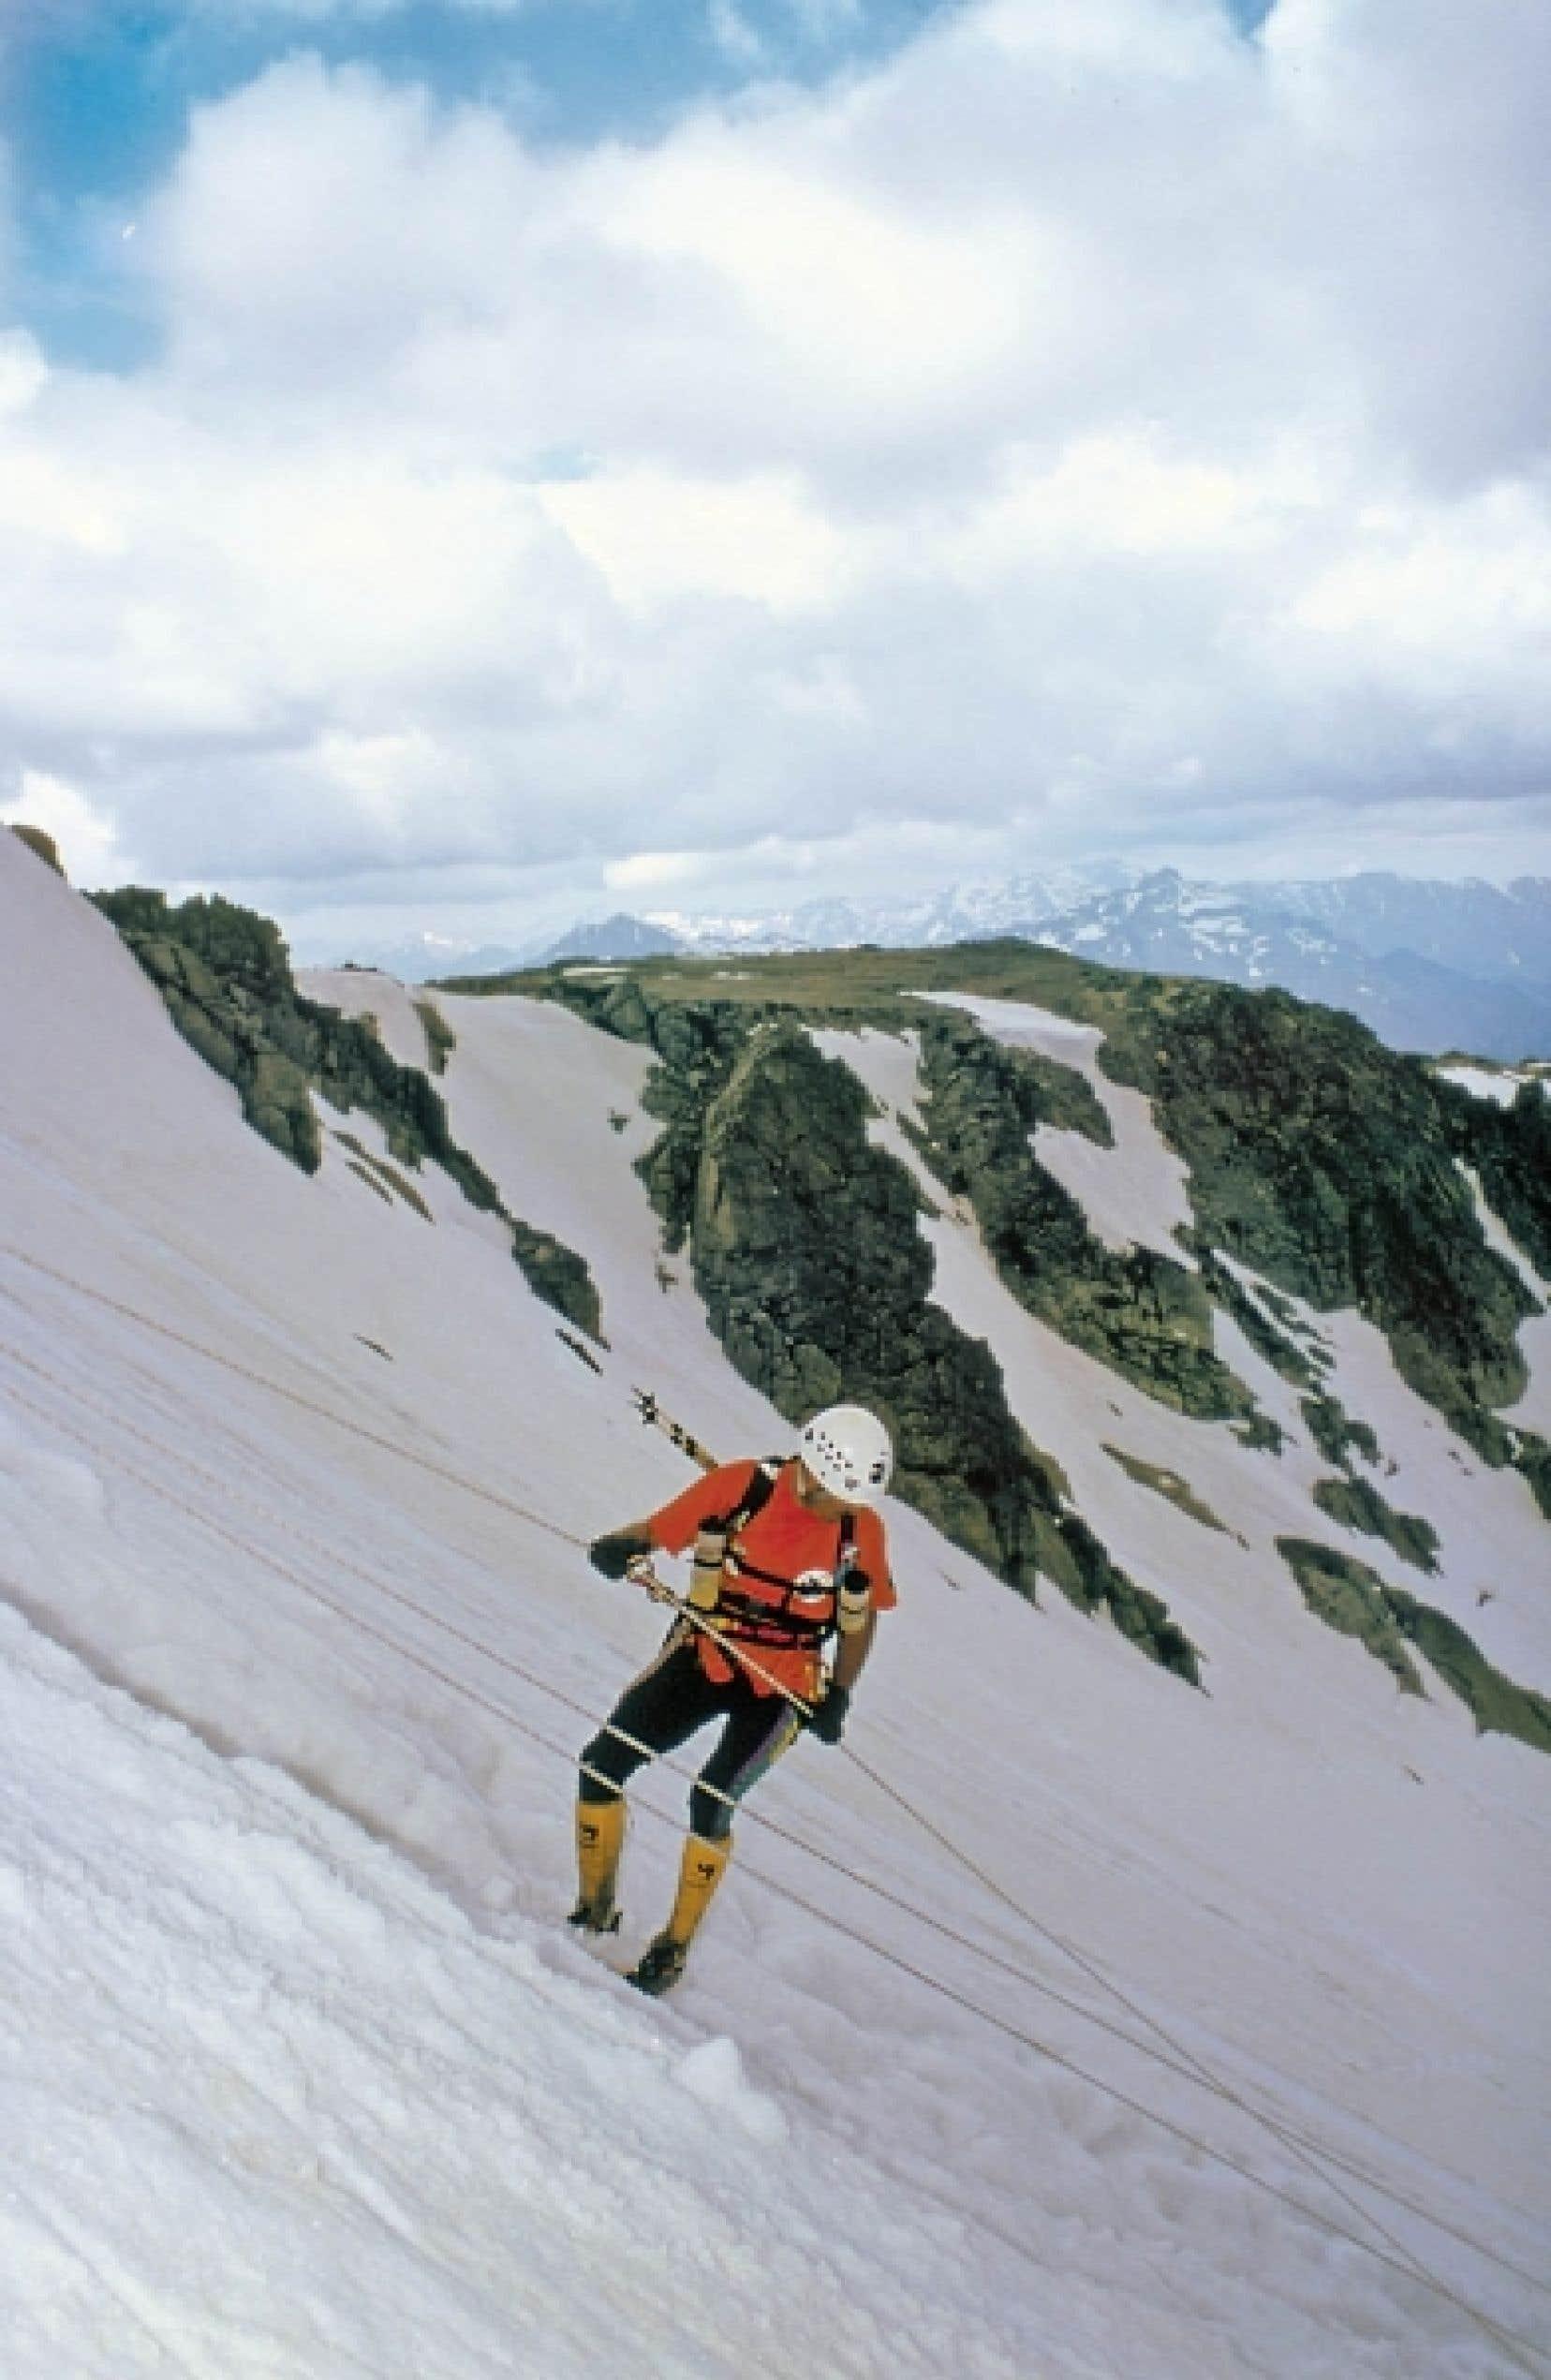 Le GR20 (Sentier de grande randonnée no 20), c'est 200 kilomètres de sentiers de randonnée à travers la montagne et le parc naturel régional, partant de Calenzana, près de Calvi, pour aboutir à Conca, près de Porto-Vecchio. Photo de droite: des skieurs marchent dans la neige, à la station de Ghisoni (Haute-Corse), l'une des rares en France où il est possible de skier avec la mer en ligne de mire.<br />